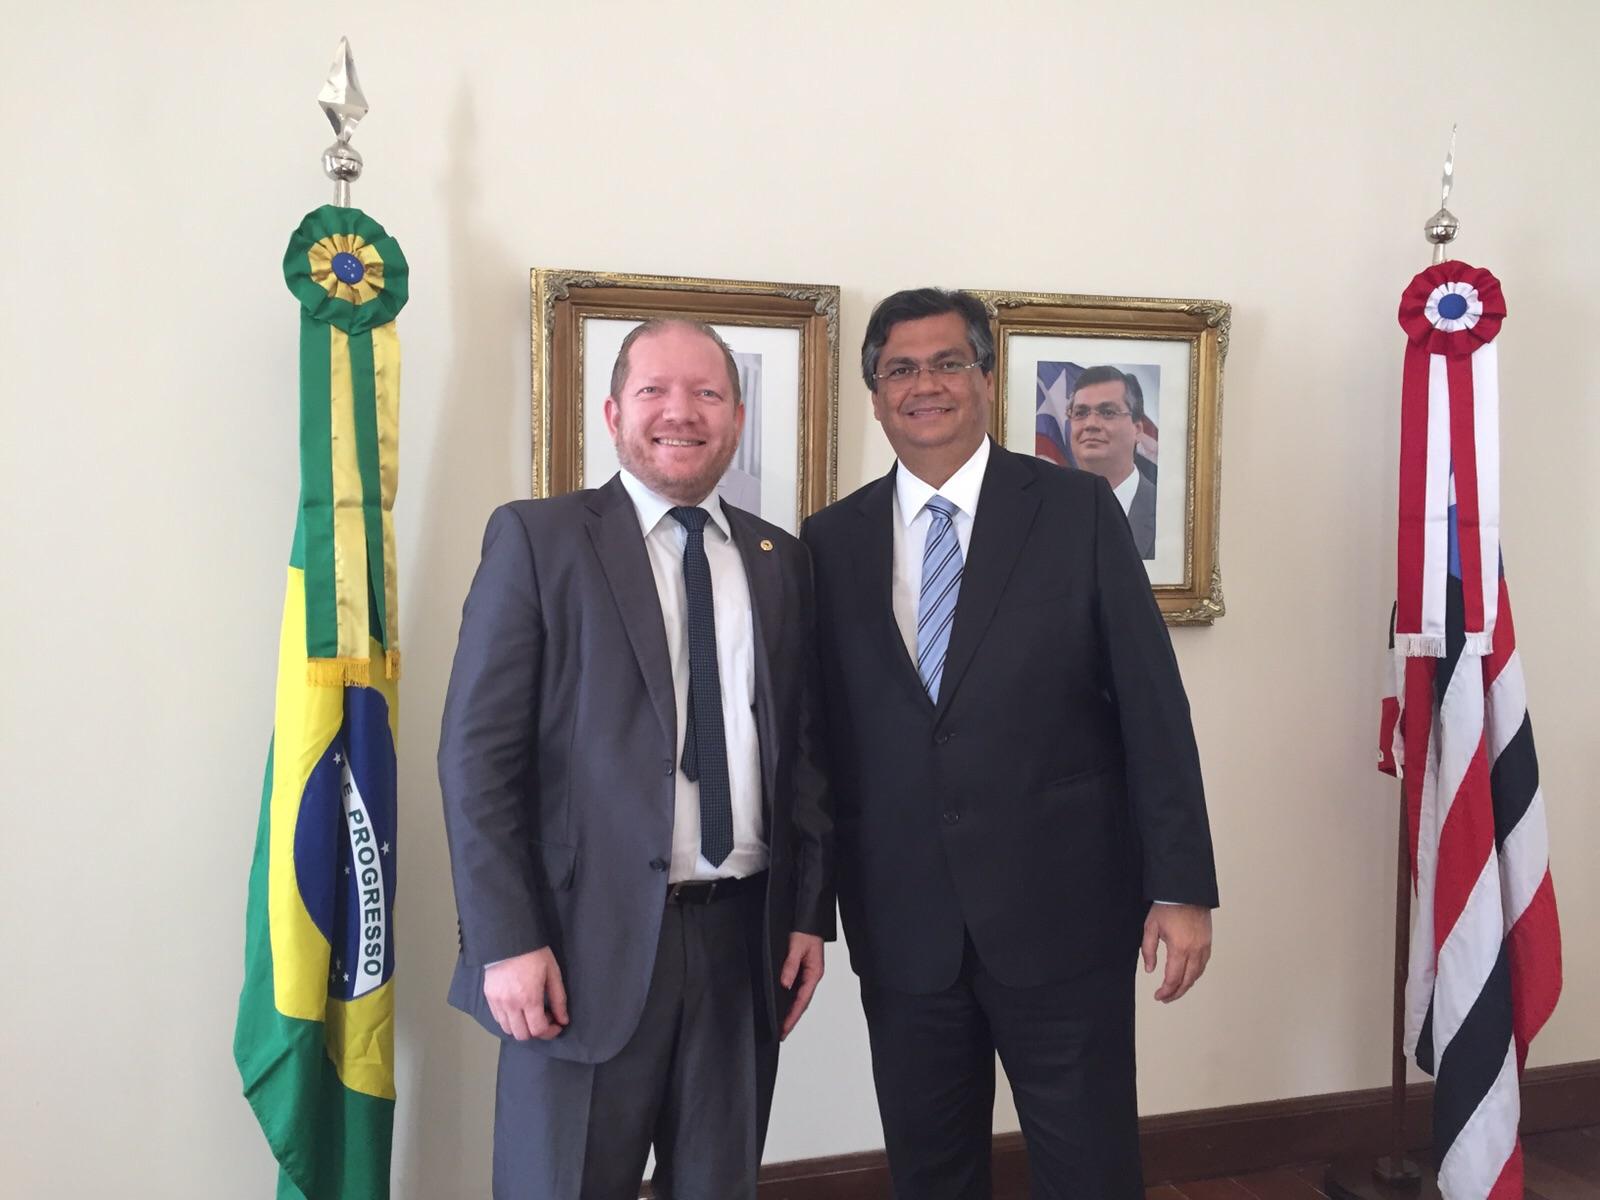 Governador confirmou inauguração e o nome de Leonardo Sá como diretor do hospital, durante audiência com o deputado Othelino Neto